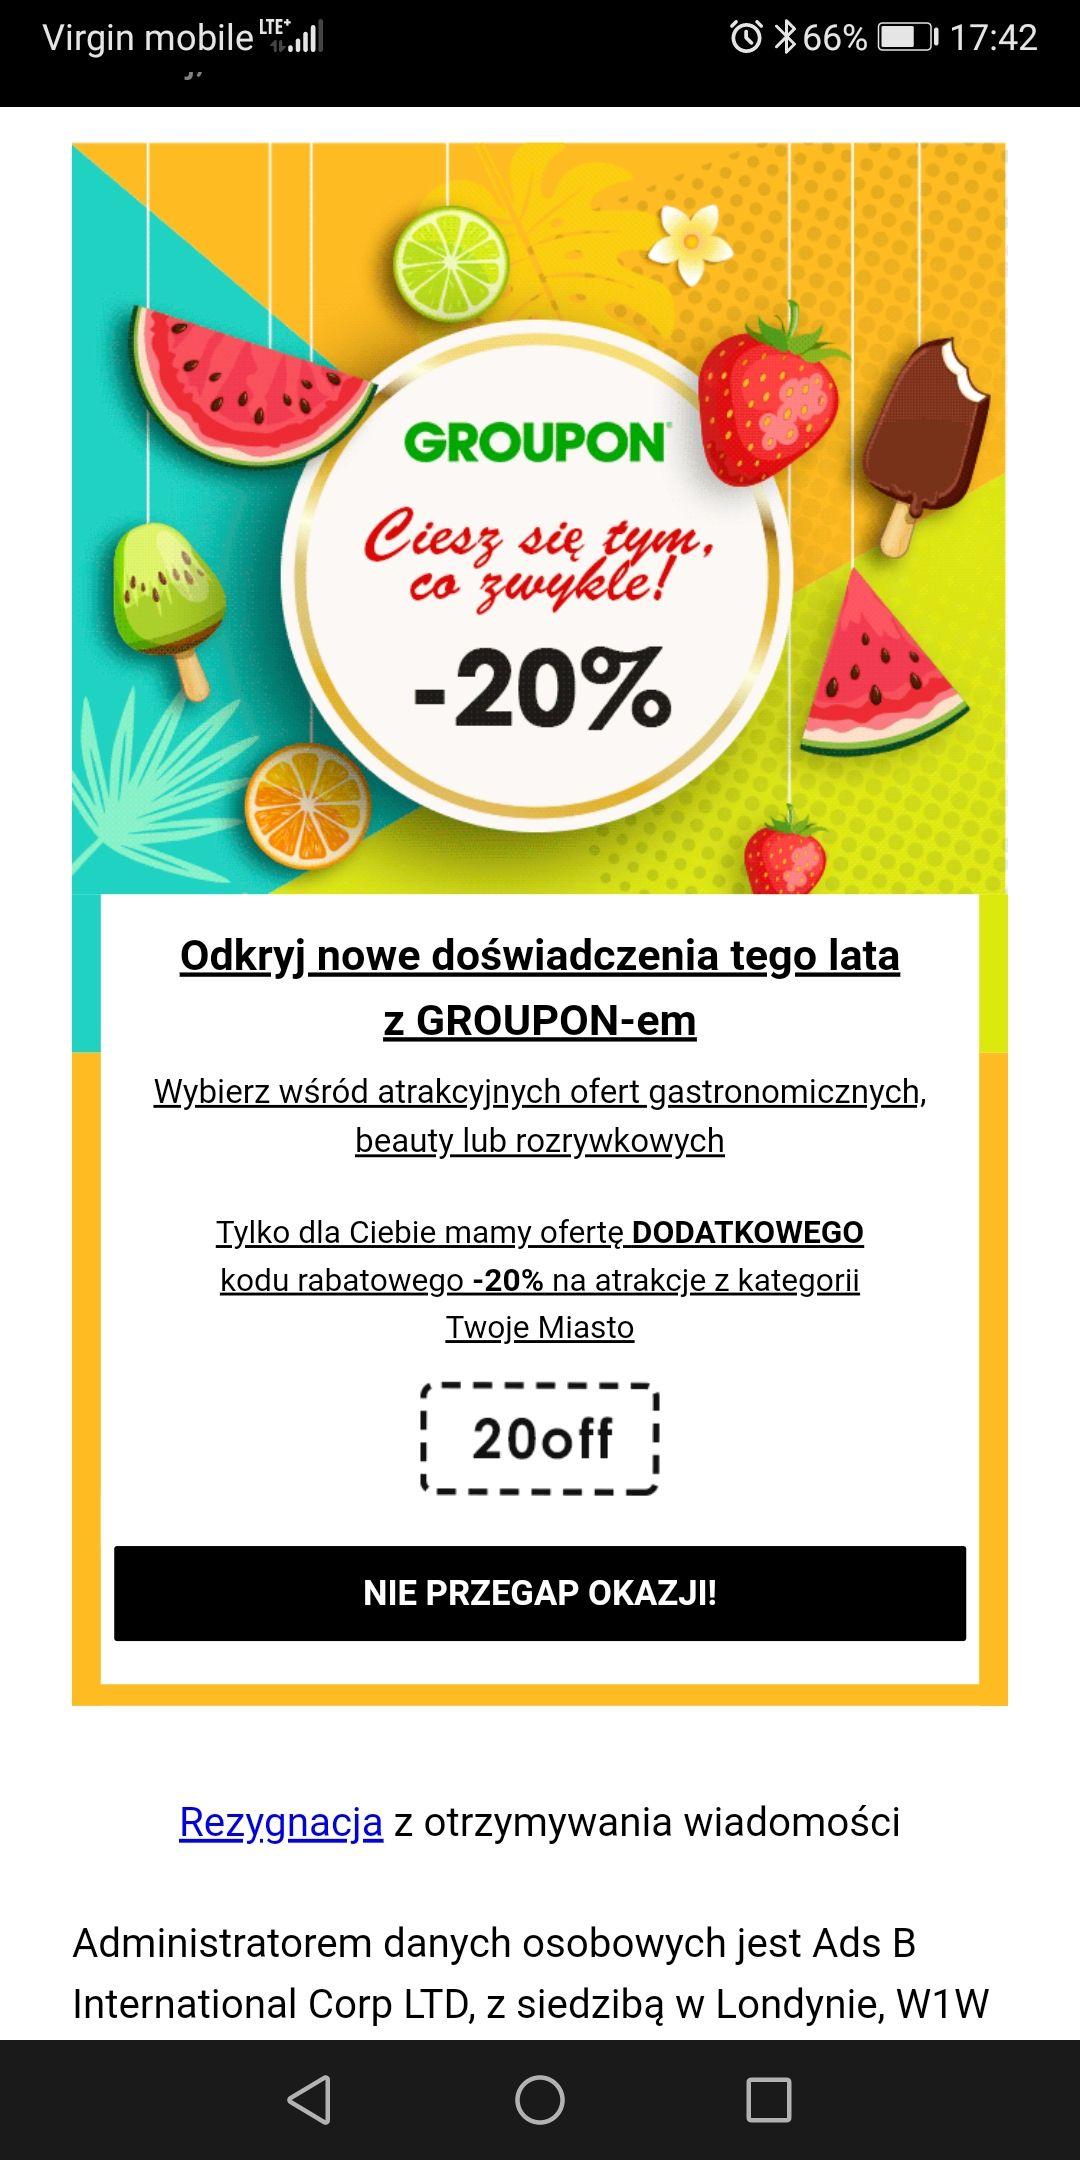 Groupon - 20% na oferty Twoje Miasto